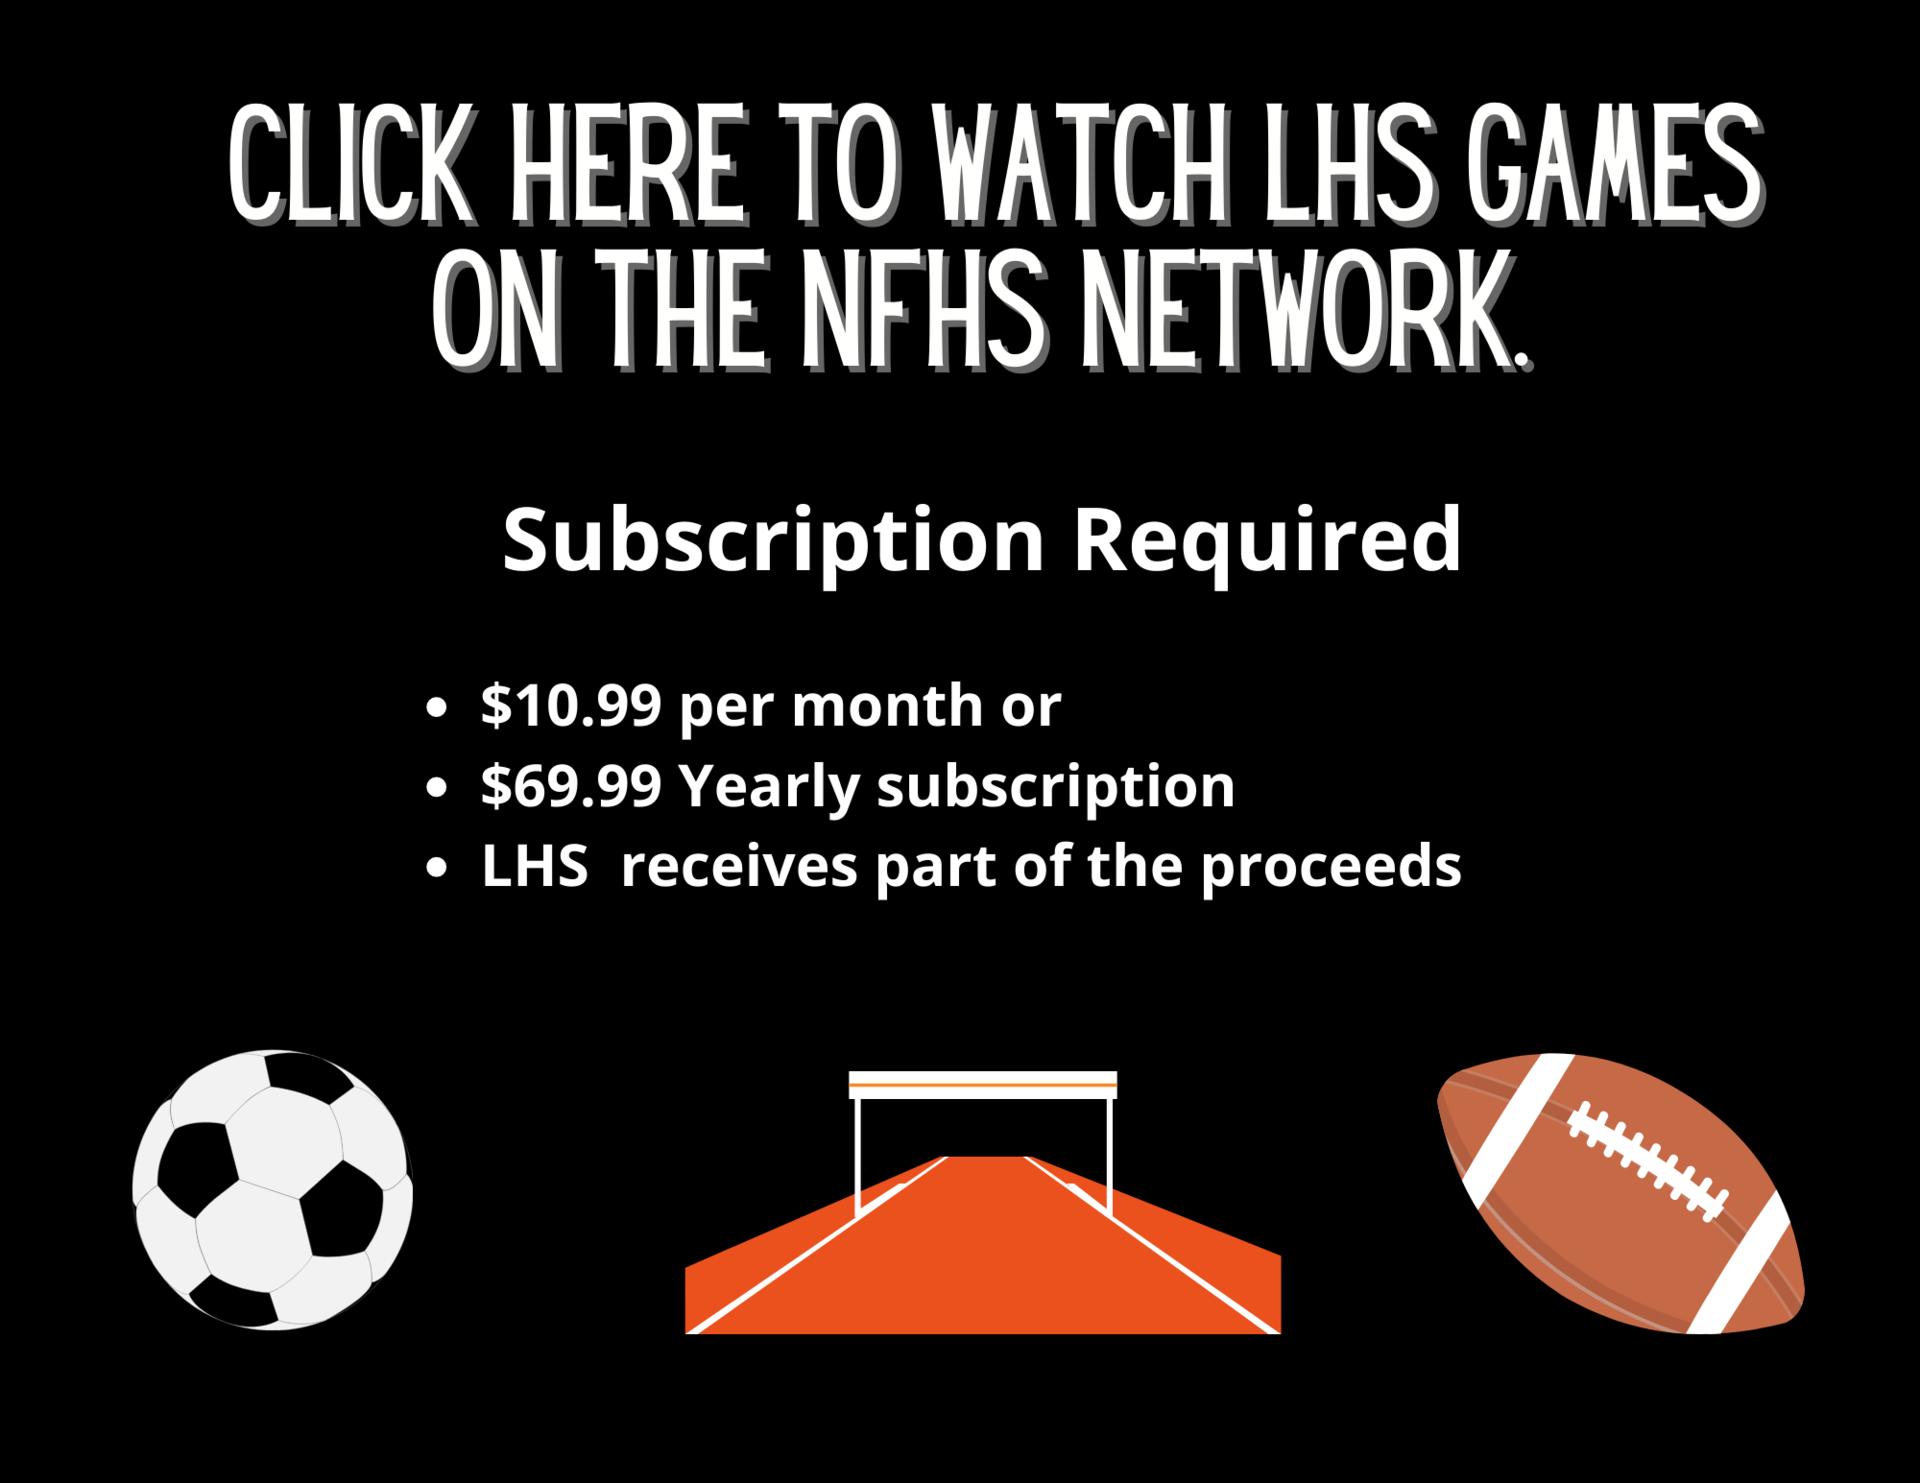 Link for NFHS